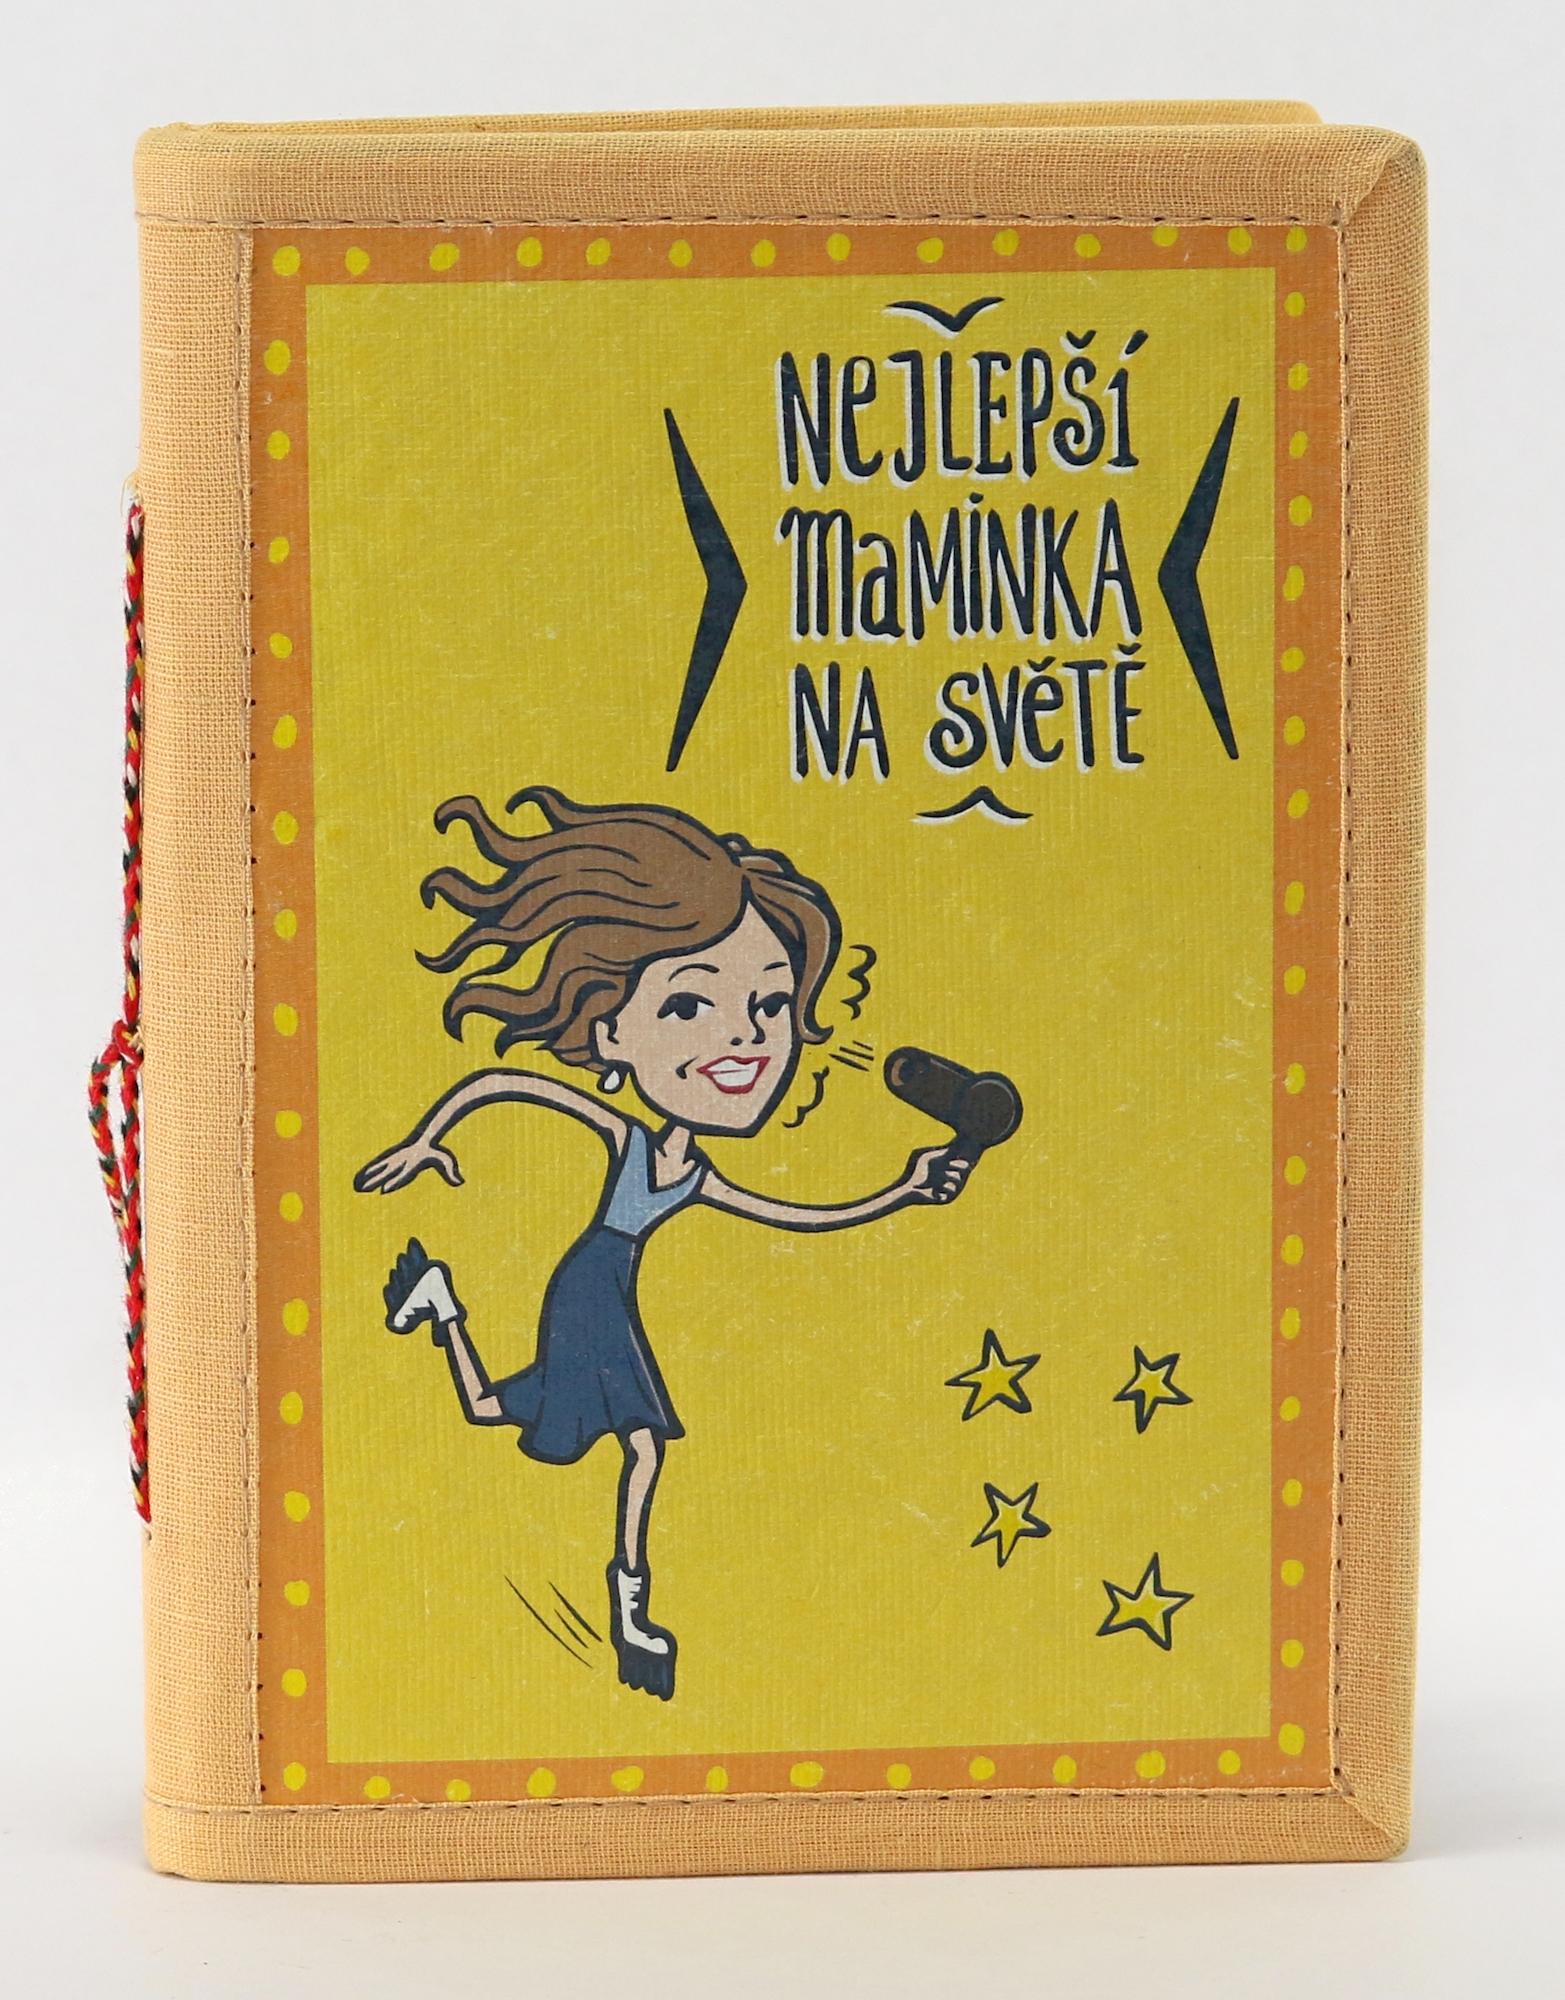 Ručně vyrobený zápisník Nejlepší maminka